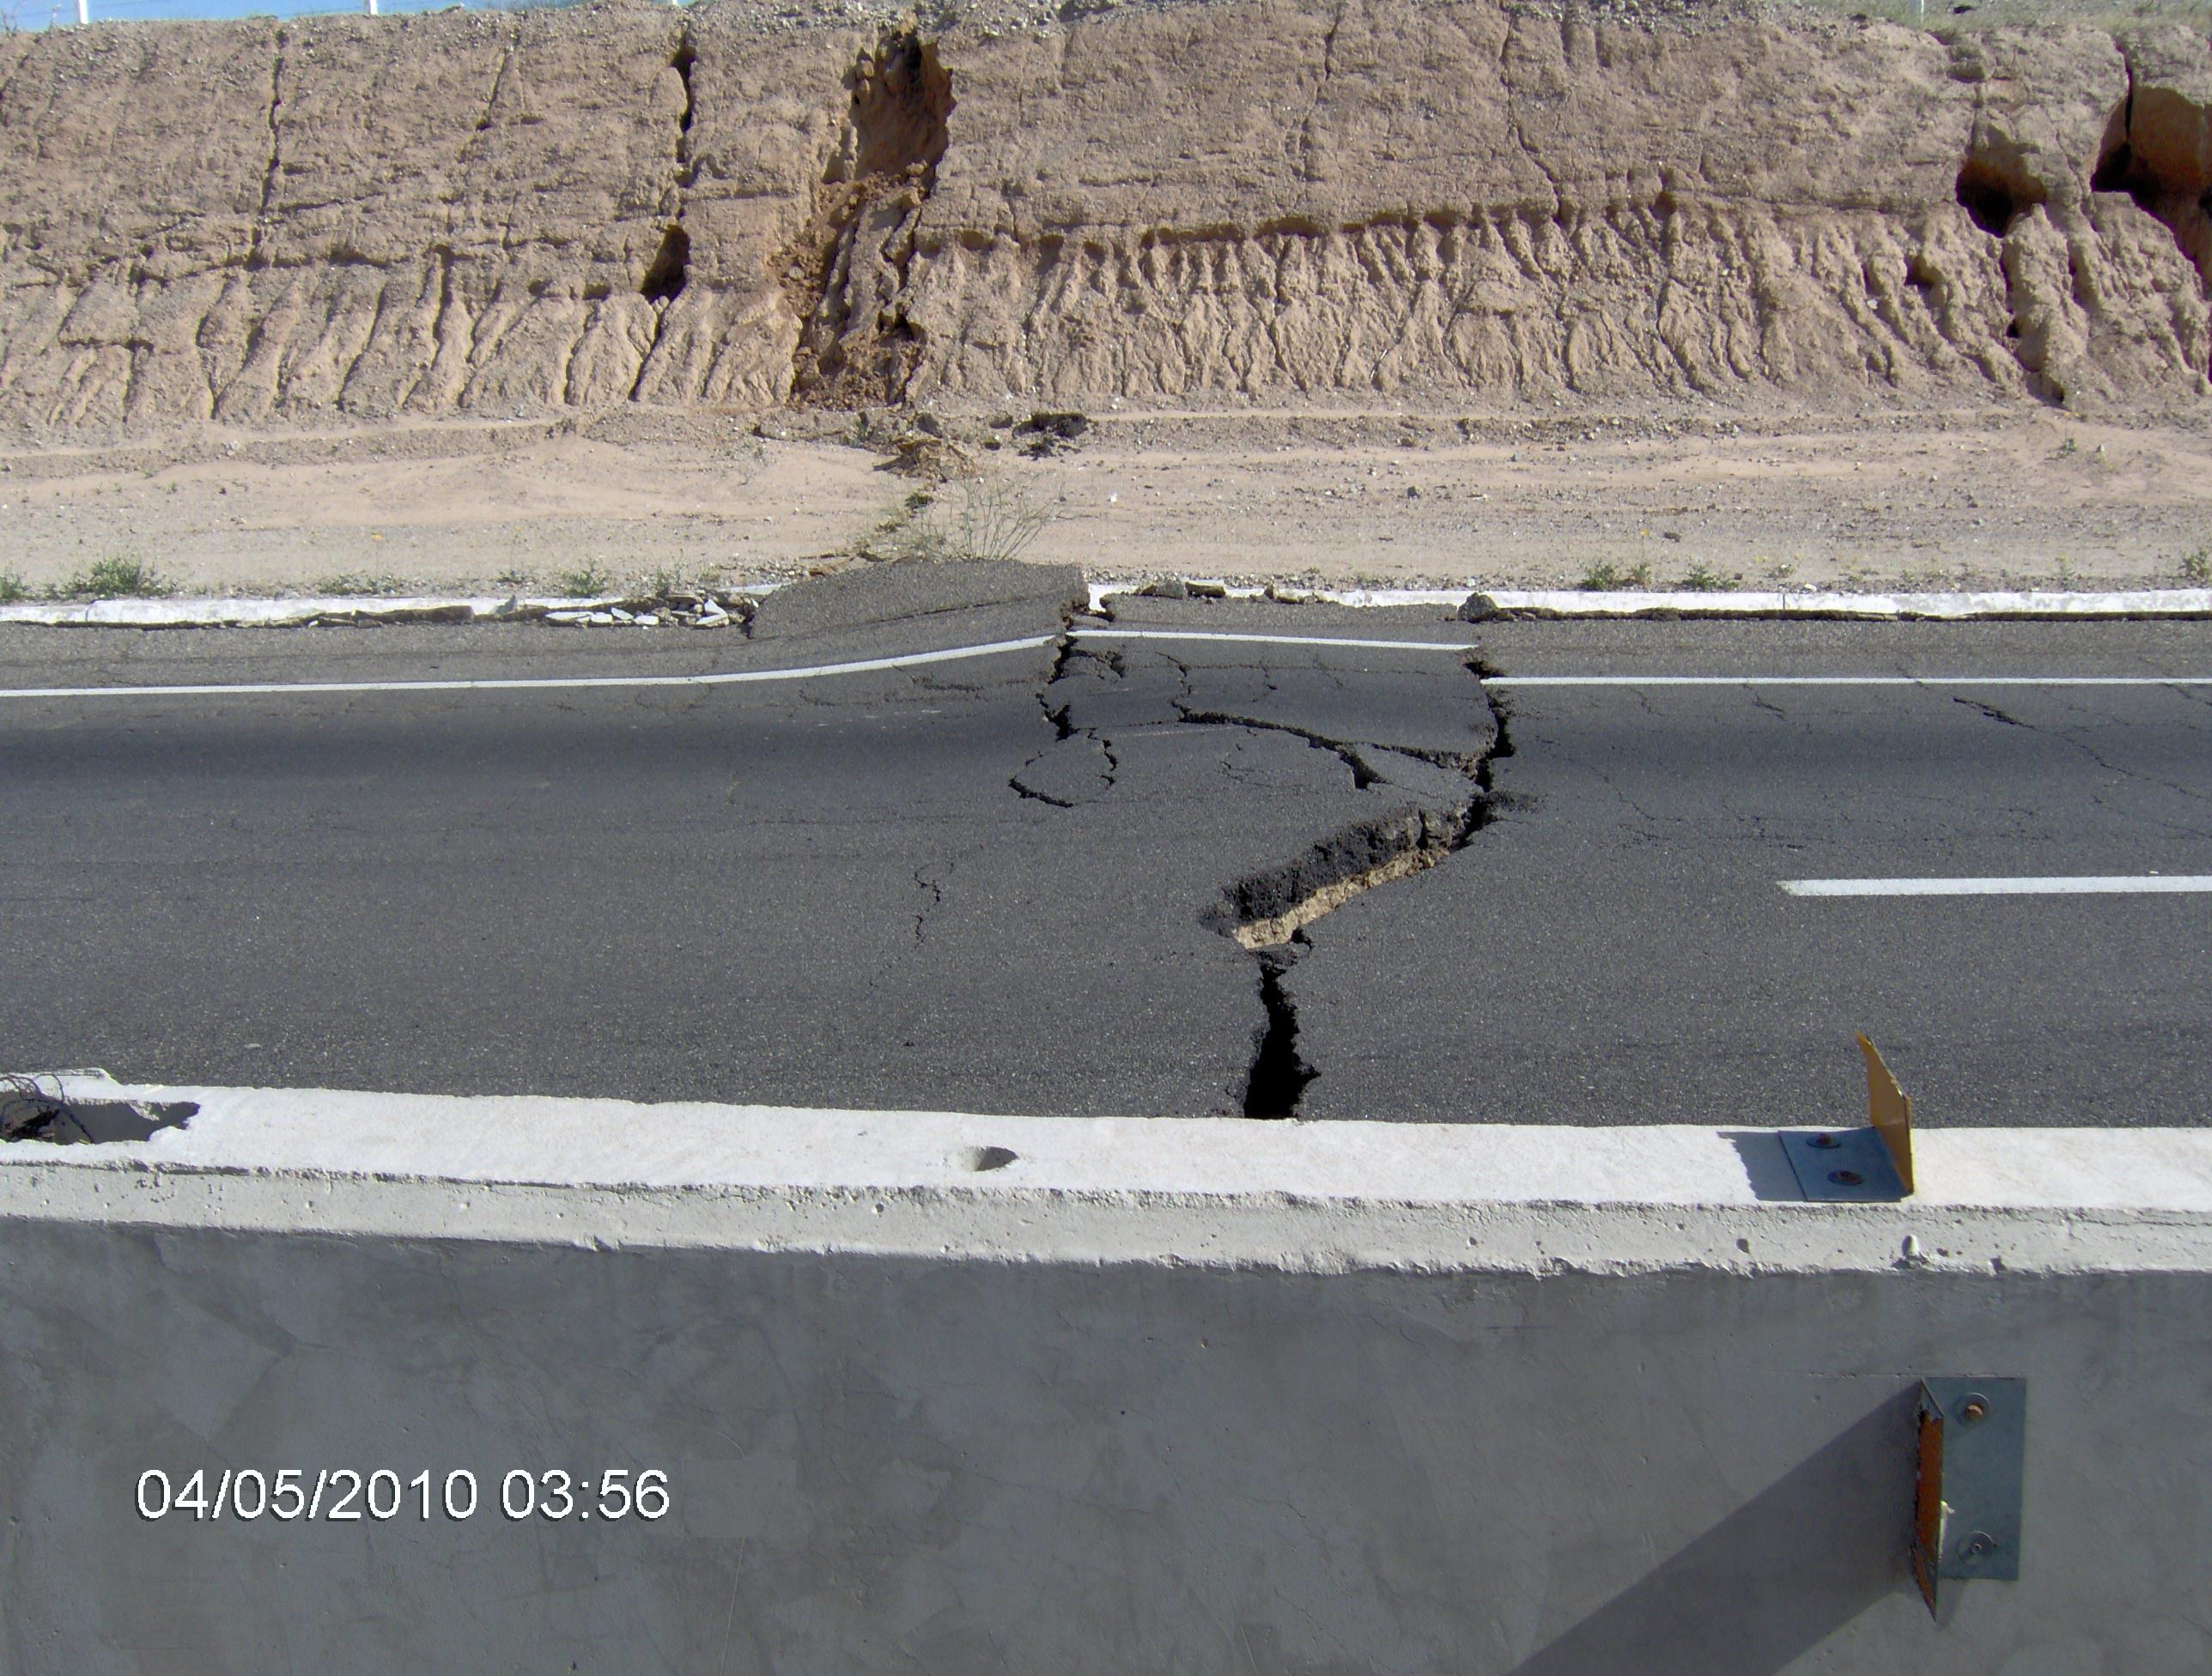 Imágenes inéditas del sismo en Baja California | La Poca ...